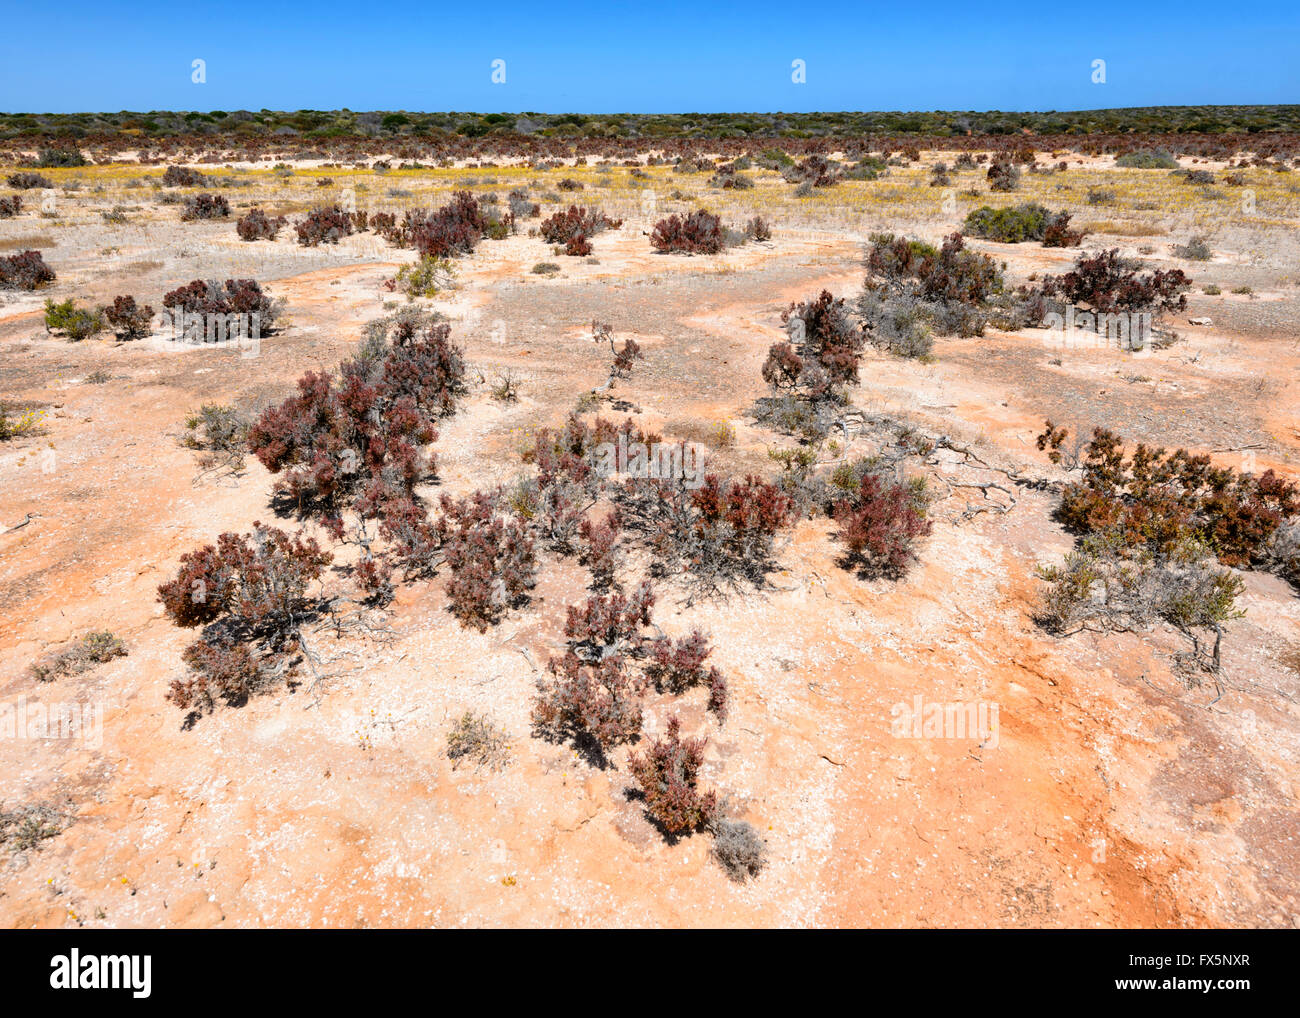 Öden trockenen Land der North West Küste von Western Australia, WA, Australien Stockbild